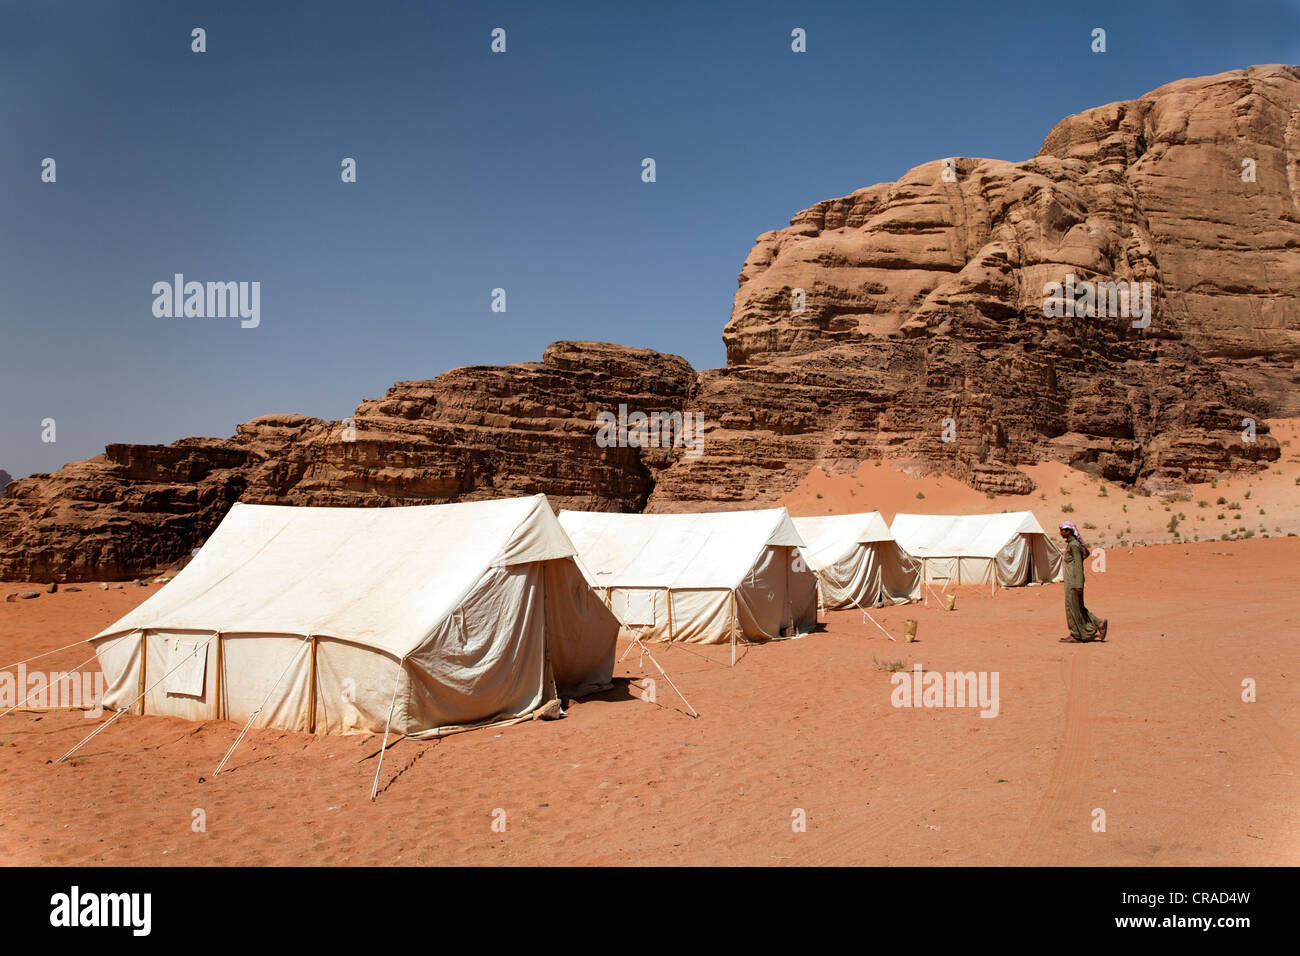 Camp pour les touristes, tentes, Bédouins, montagnes, désert, nature préservée, Wadi Rum, Royaume Photo Stock